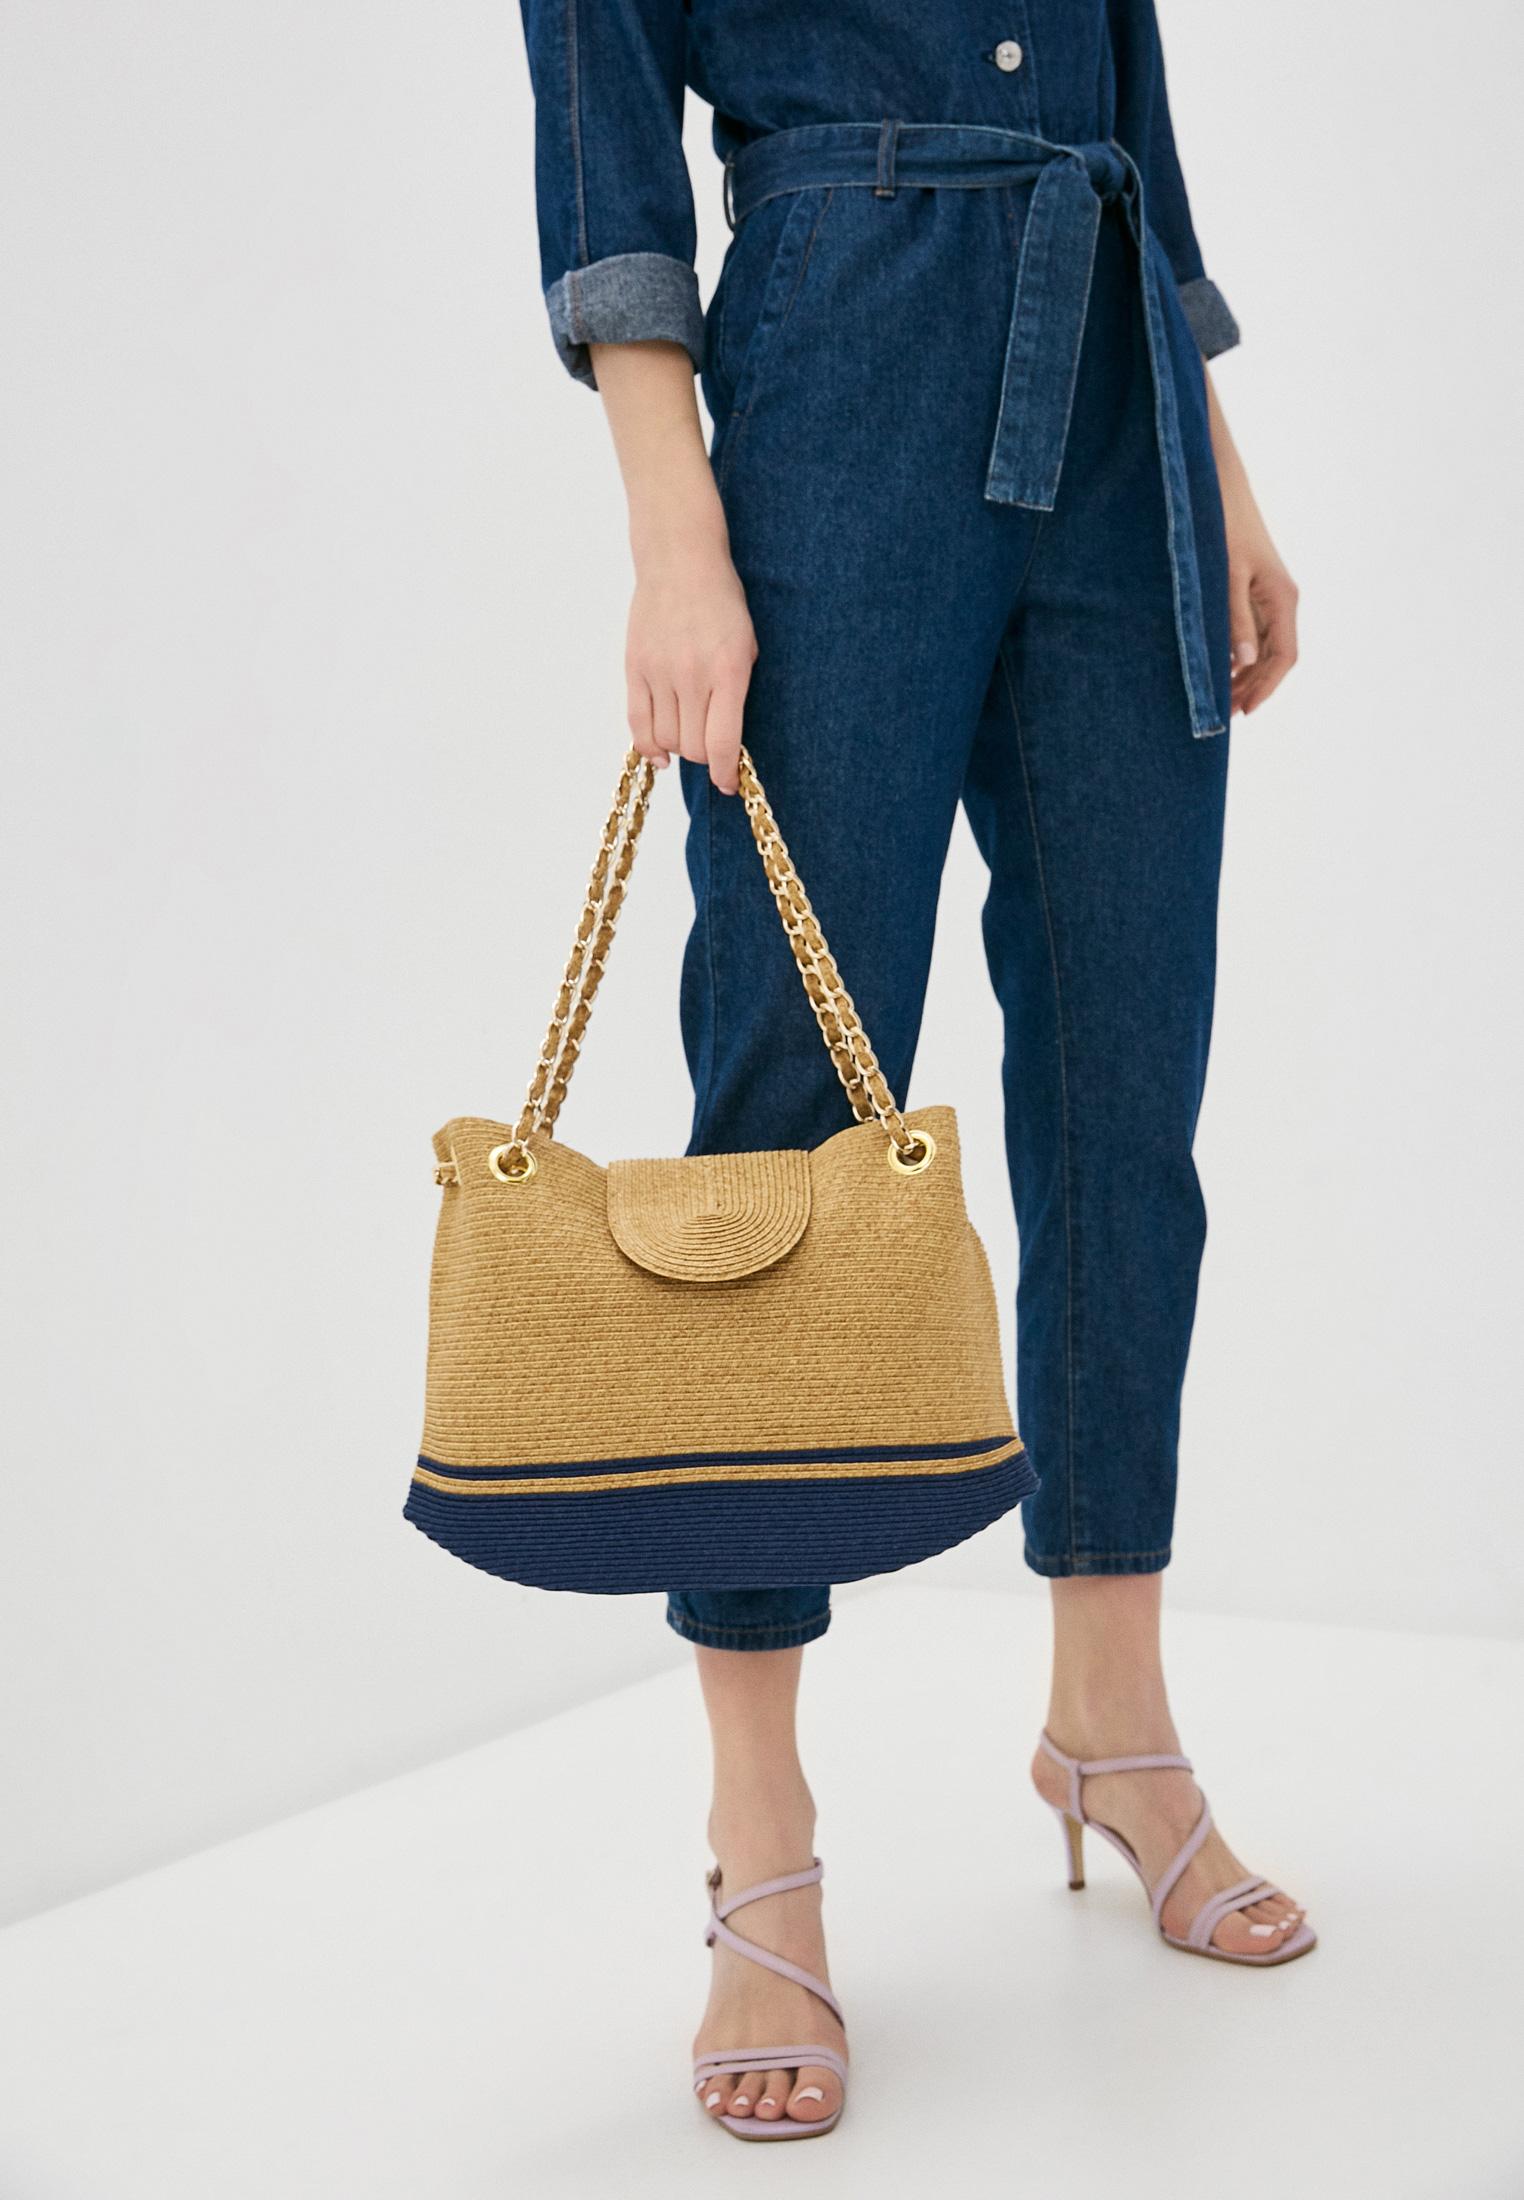 Пляжная сумка Fabretti GB10-1 beige/blue